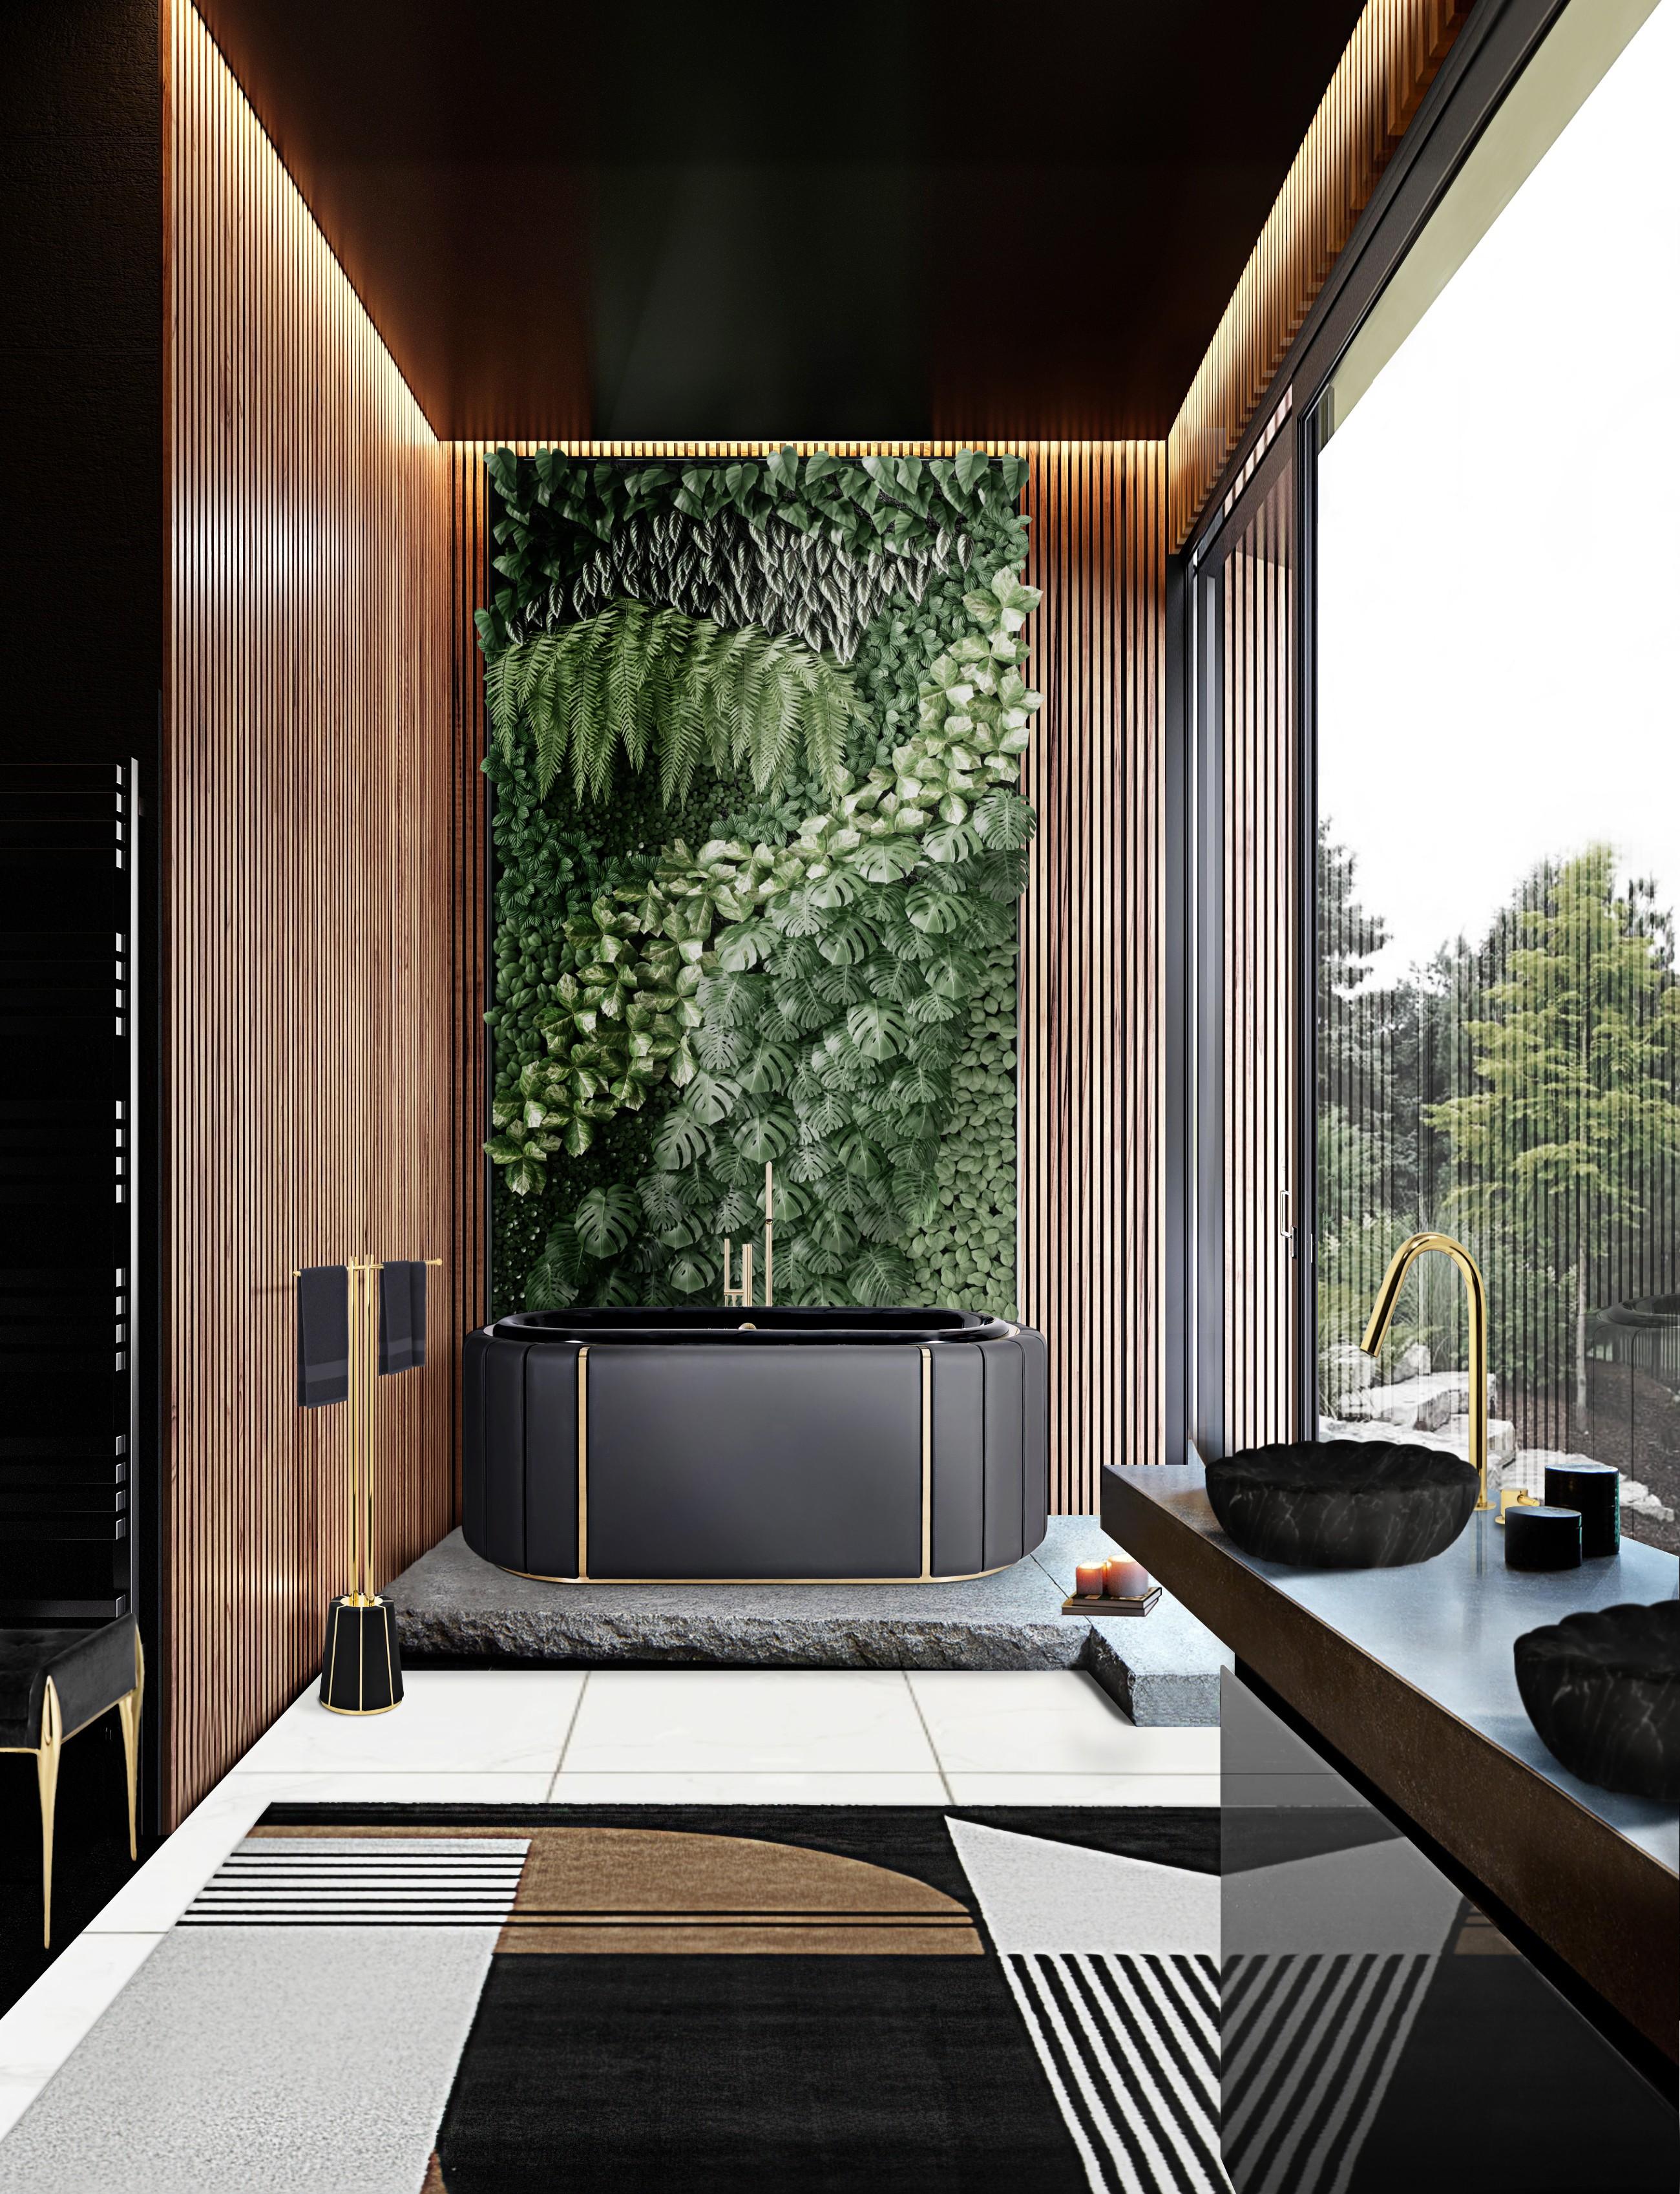 Luxury Hotels: 5 Ideas To Enhance Them luxury hotels Luxury Hotels: 5 Ideas To Enhance Them luxuryhotelsuites3